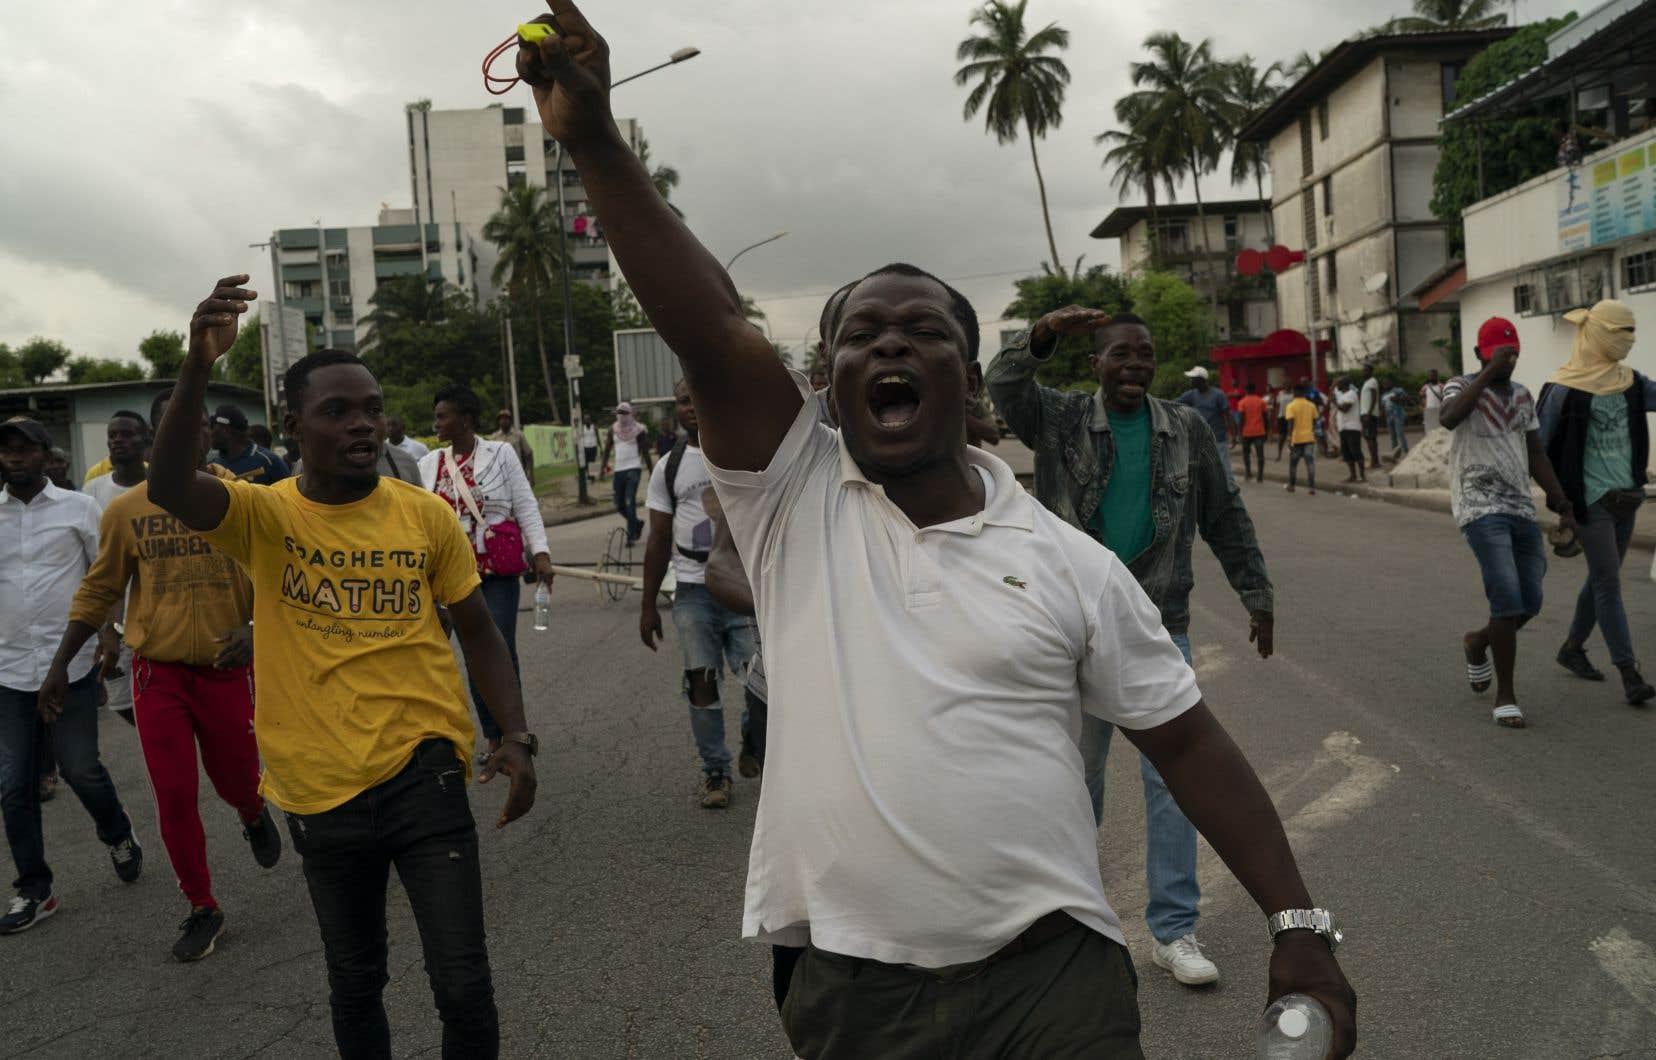 L'opposition, qui a boycotté le scrutin de samedi, juge que le troisième mandat du président Alassane Ouattara est «anticonstitutionnel». Sur la photo, des opposants au gouvernement ivoirien ont manifesté, mardi, dans les rues d'Abidjan.